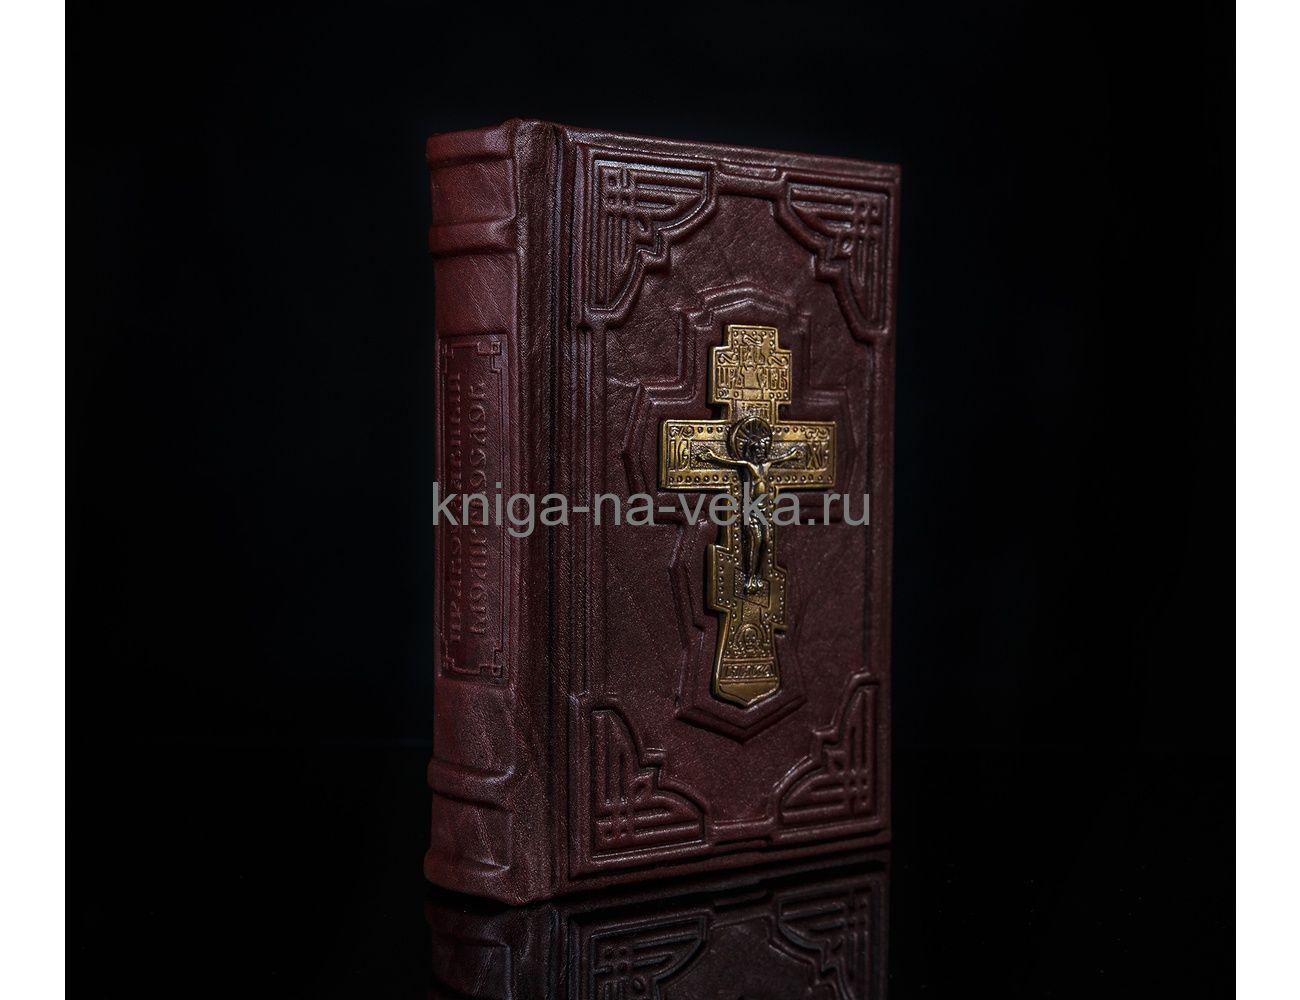 Книга «Молитвослов» в кожаном переплёте с бронзовым крестом